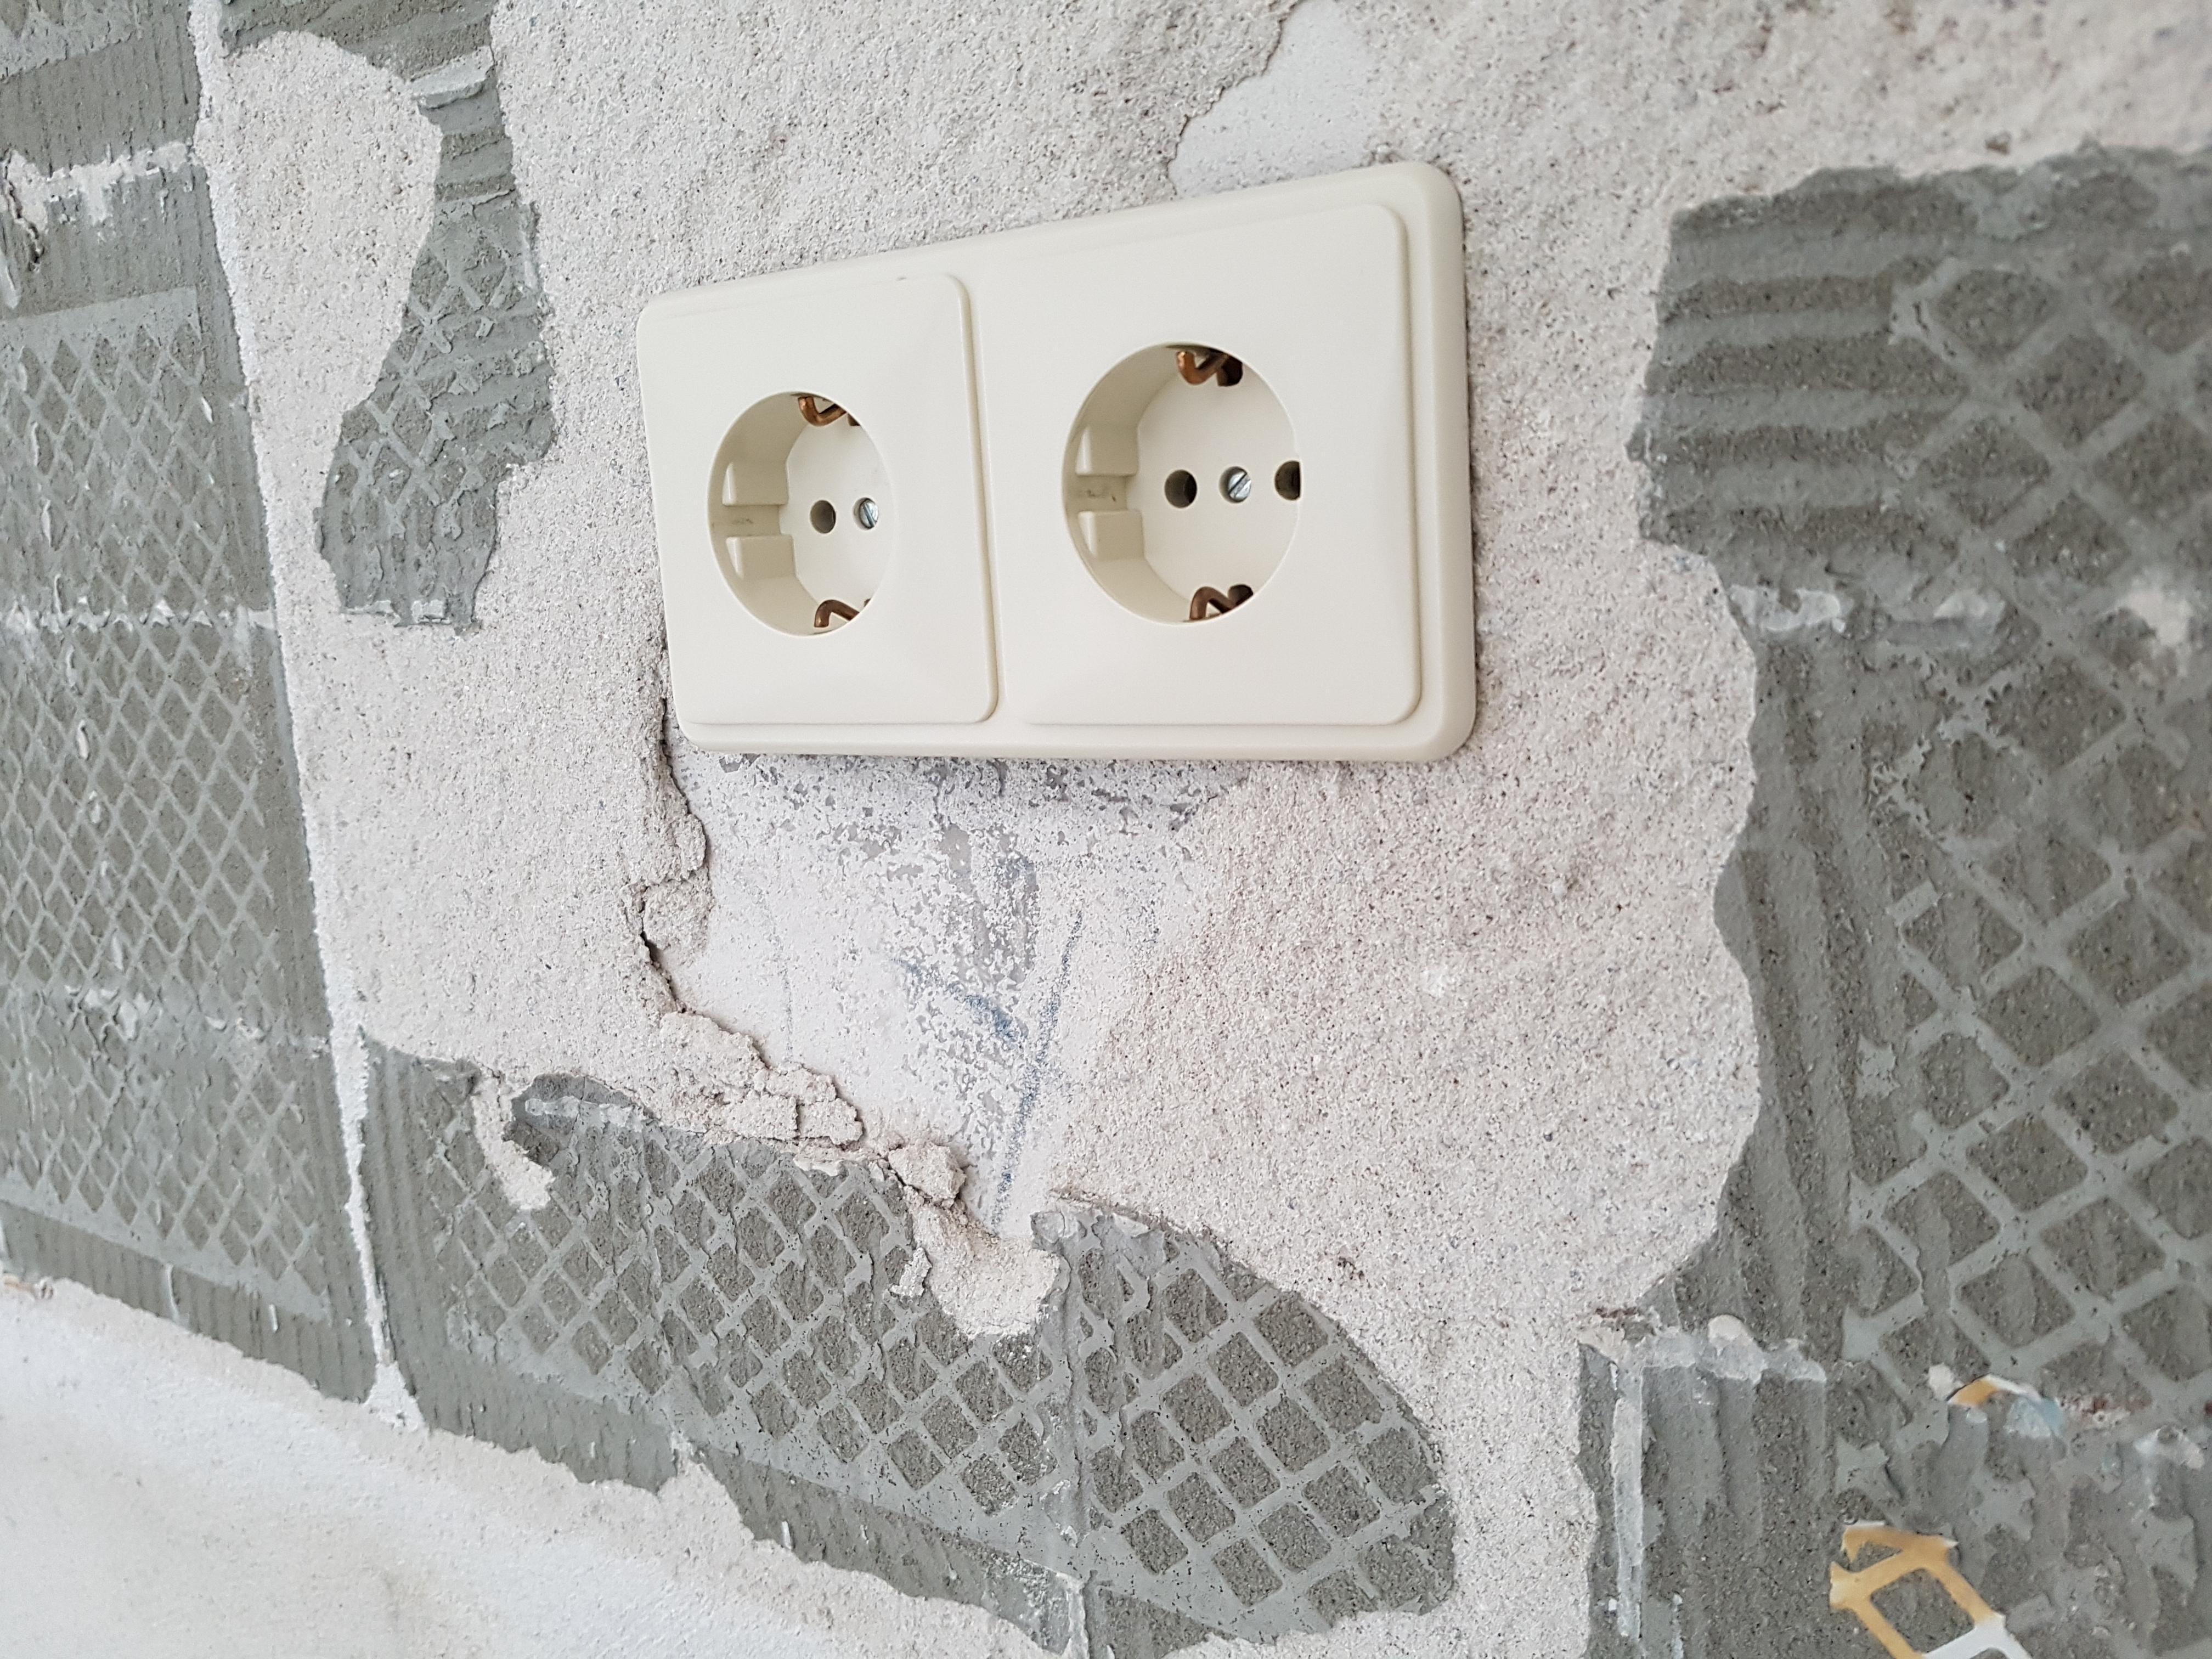 Bekend Tegellijm van de muur verwijderen en gaten in de stuclaag opvullen BM82